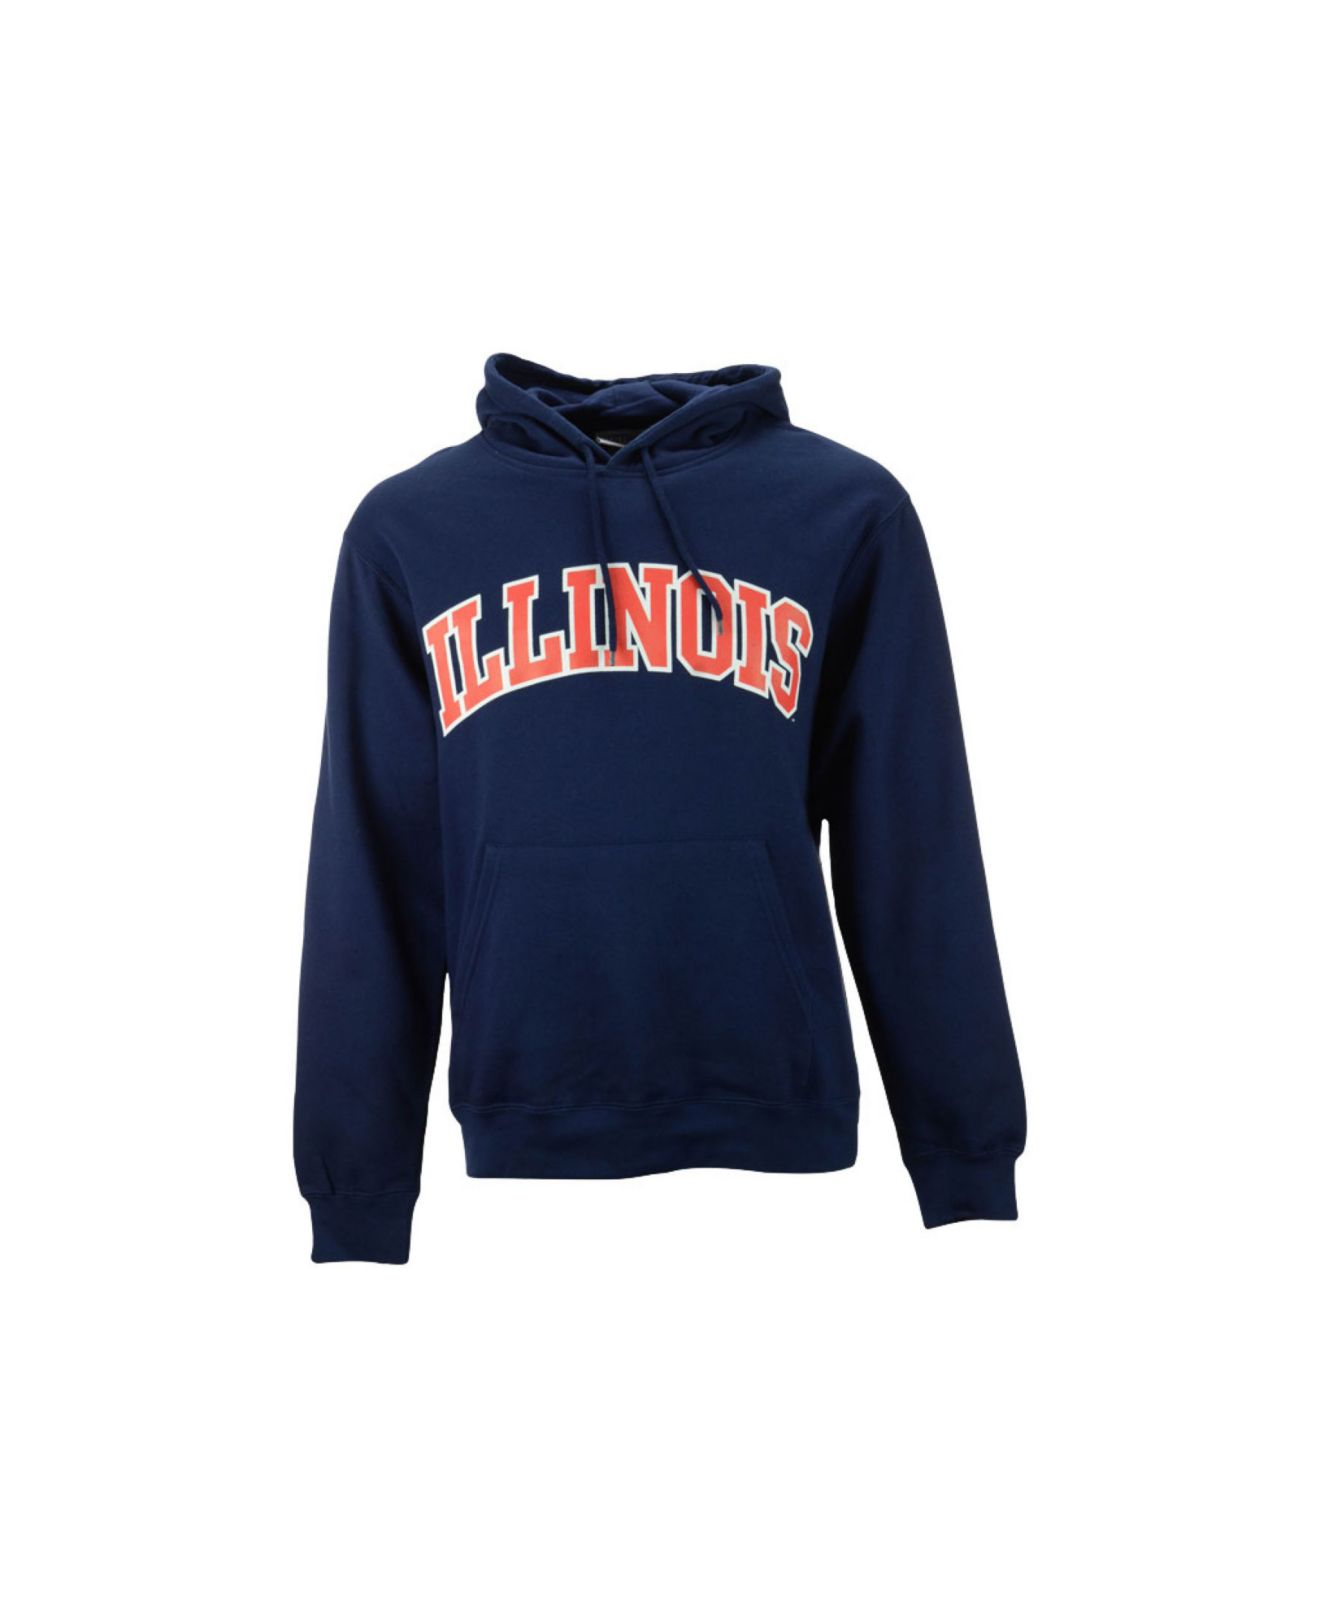 Illinois hoodies